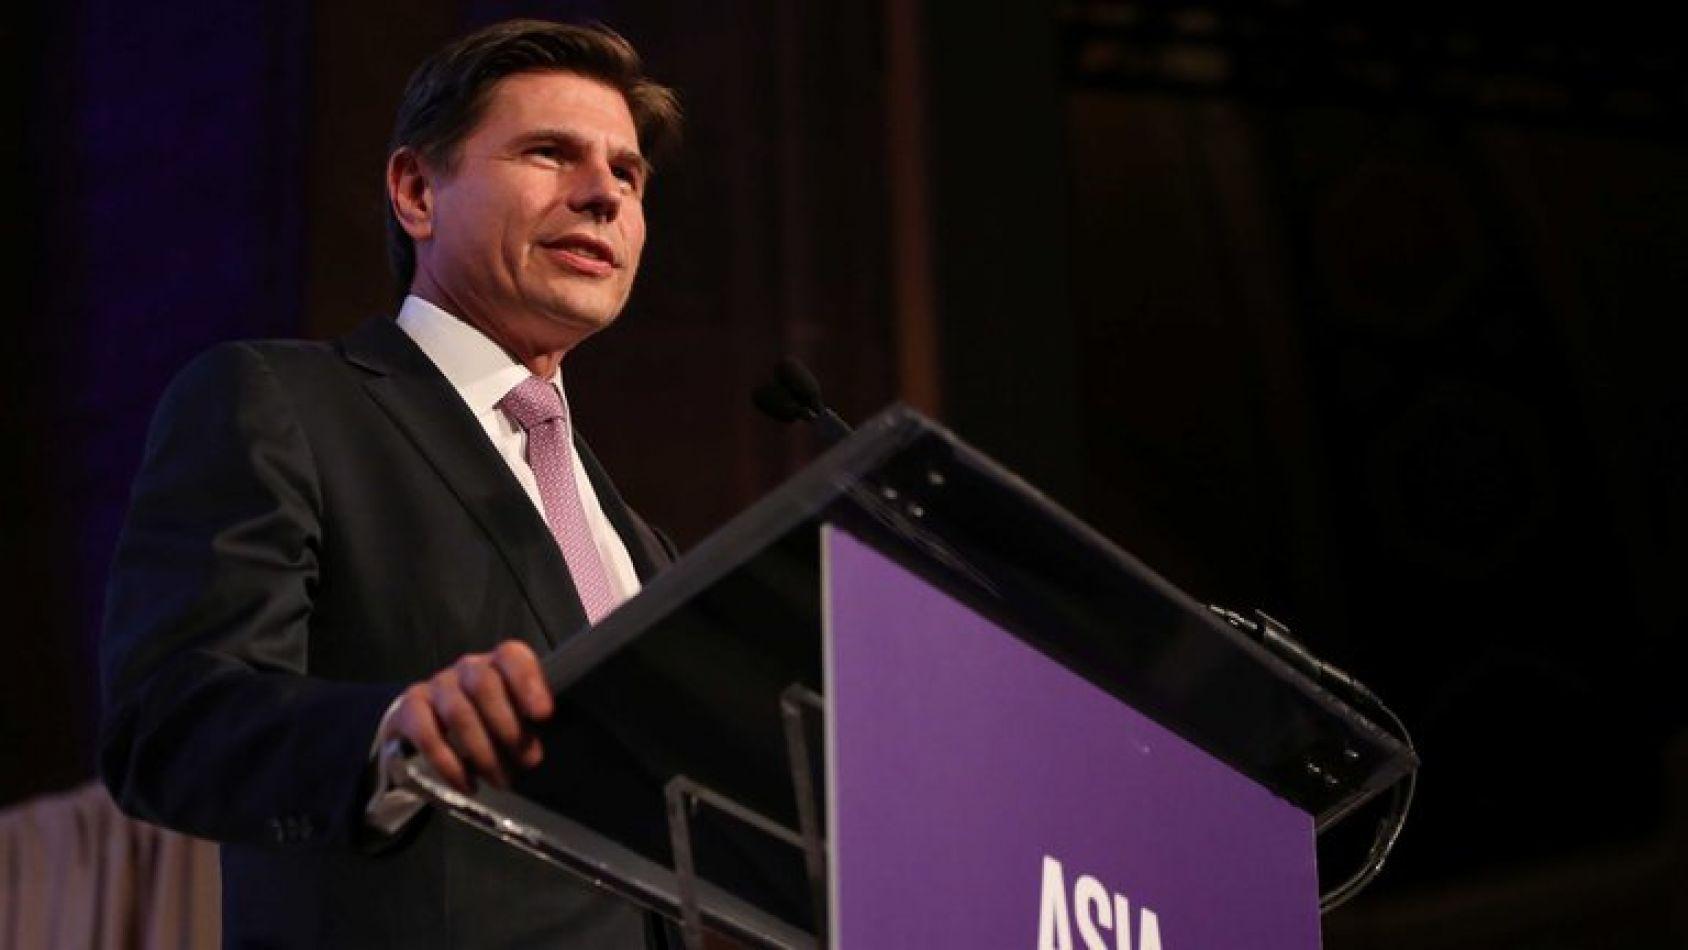 Quién es el banquero argentino que fue designado para liderar una de las bolsas más grandes del mundo